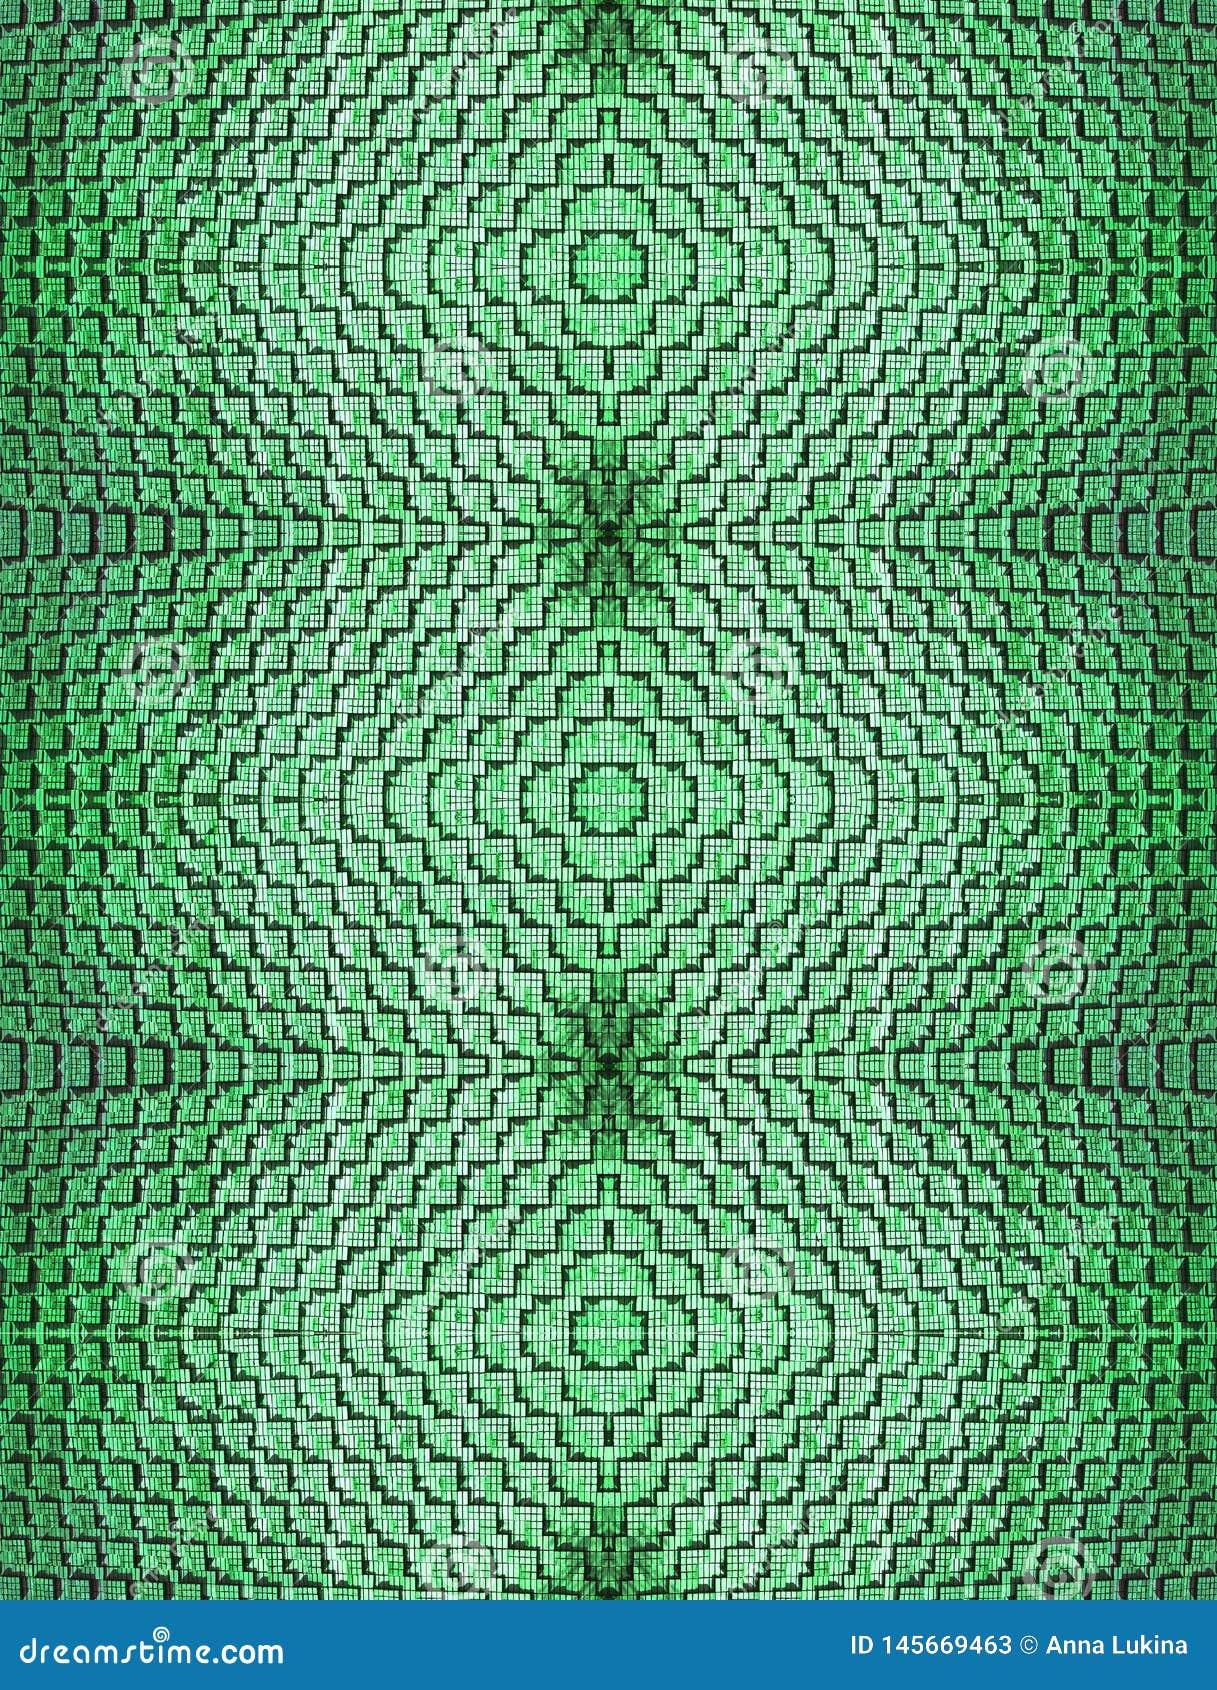 Fondo inconsútil abstracto de los ladrillos puestos en una forma interesante en similar conectada del color verde simétricamente